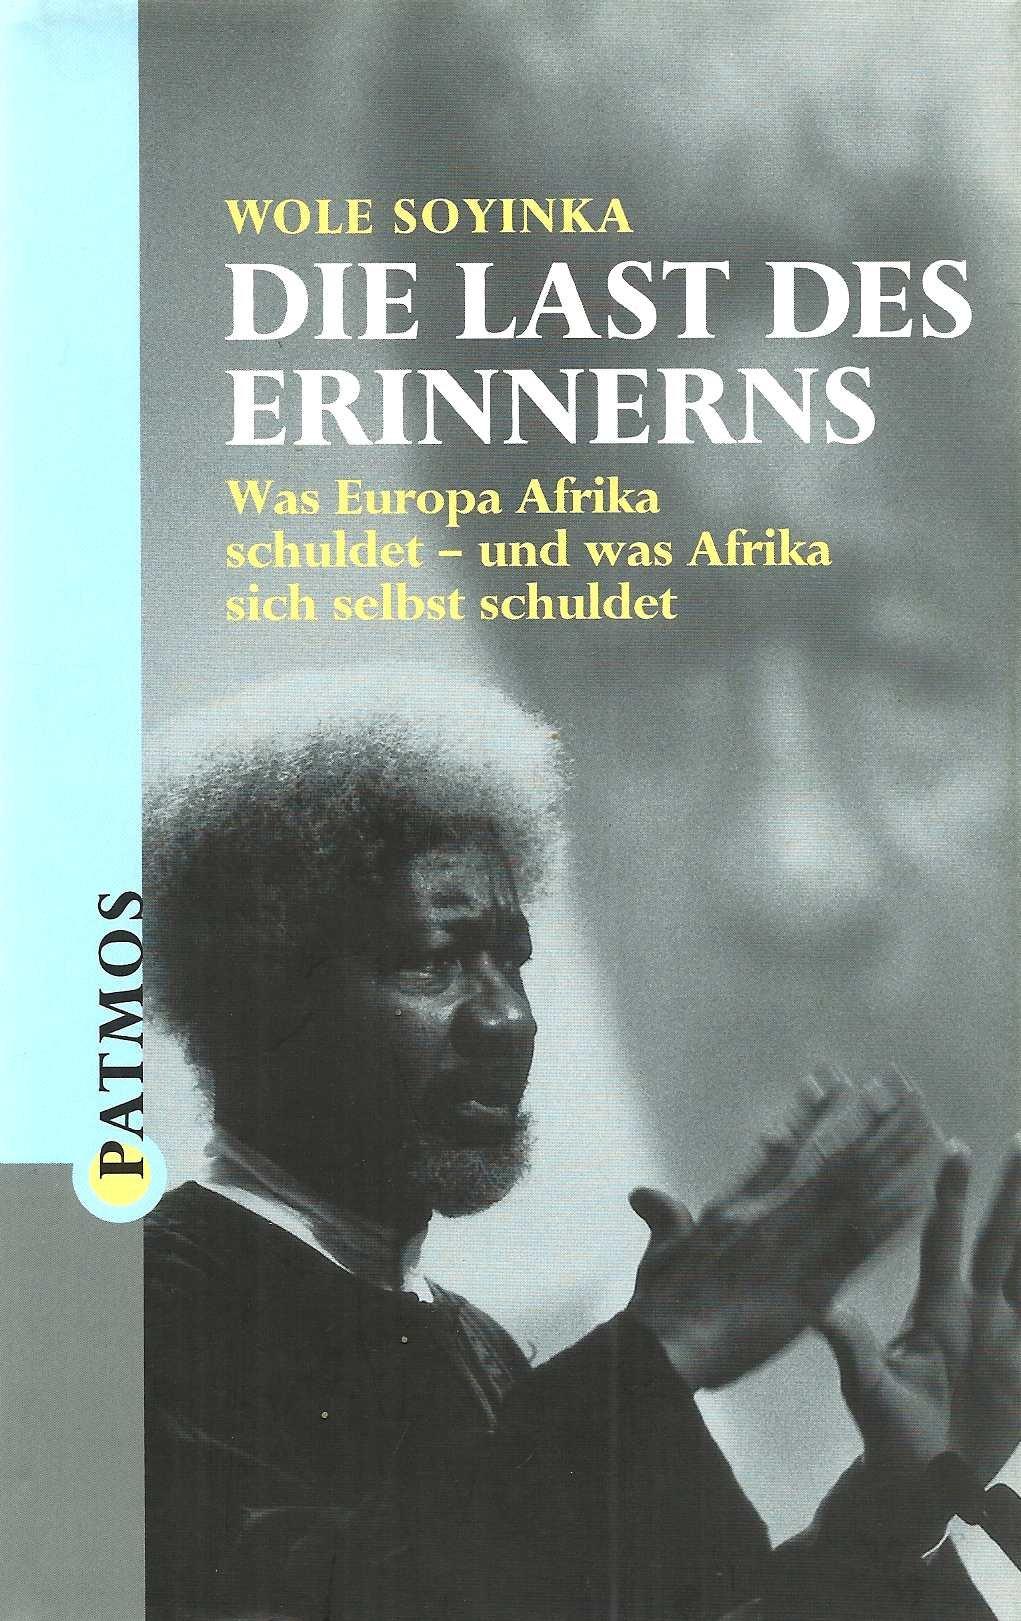 Die Last des Erinnerns: Was Europa Afrika schuldet - und was Afrika sich selbst schuldet